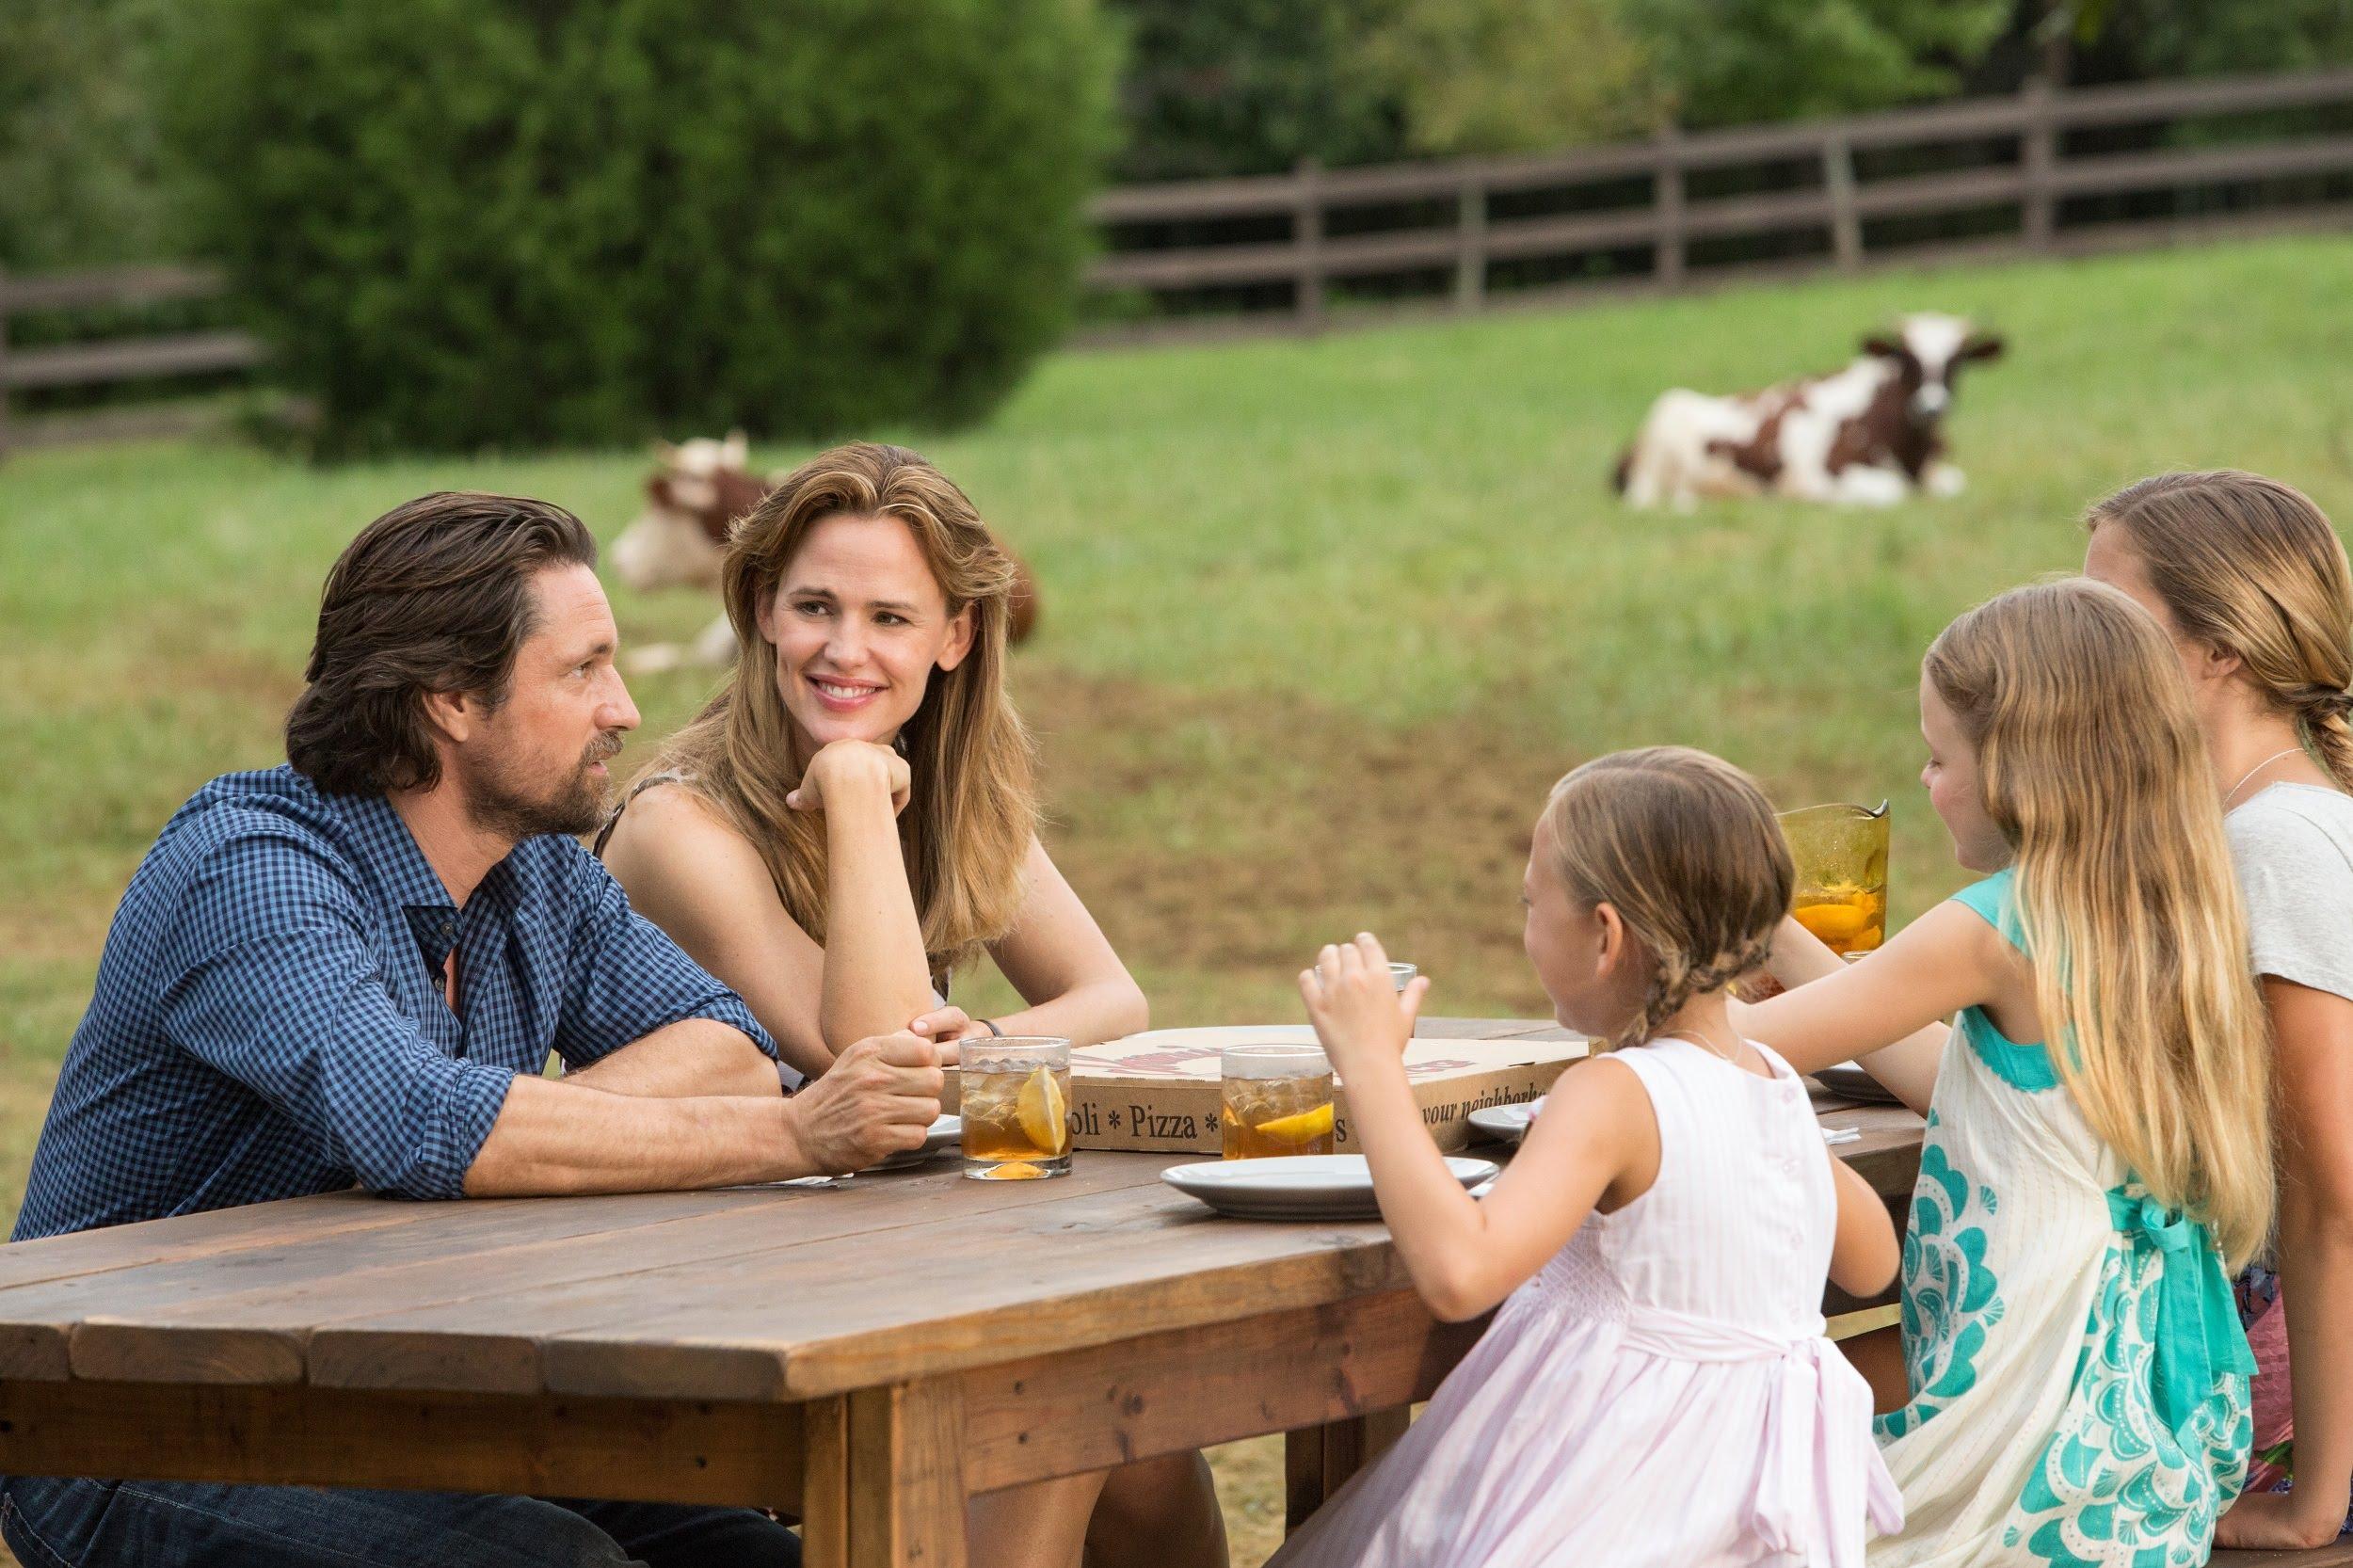 Топ 10 глубоких христианских фильмов, основанных на реальных событиях